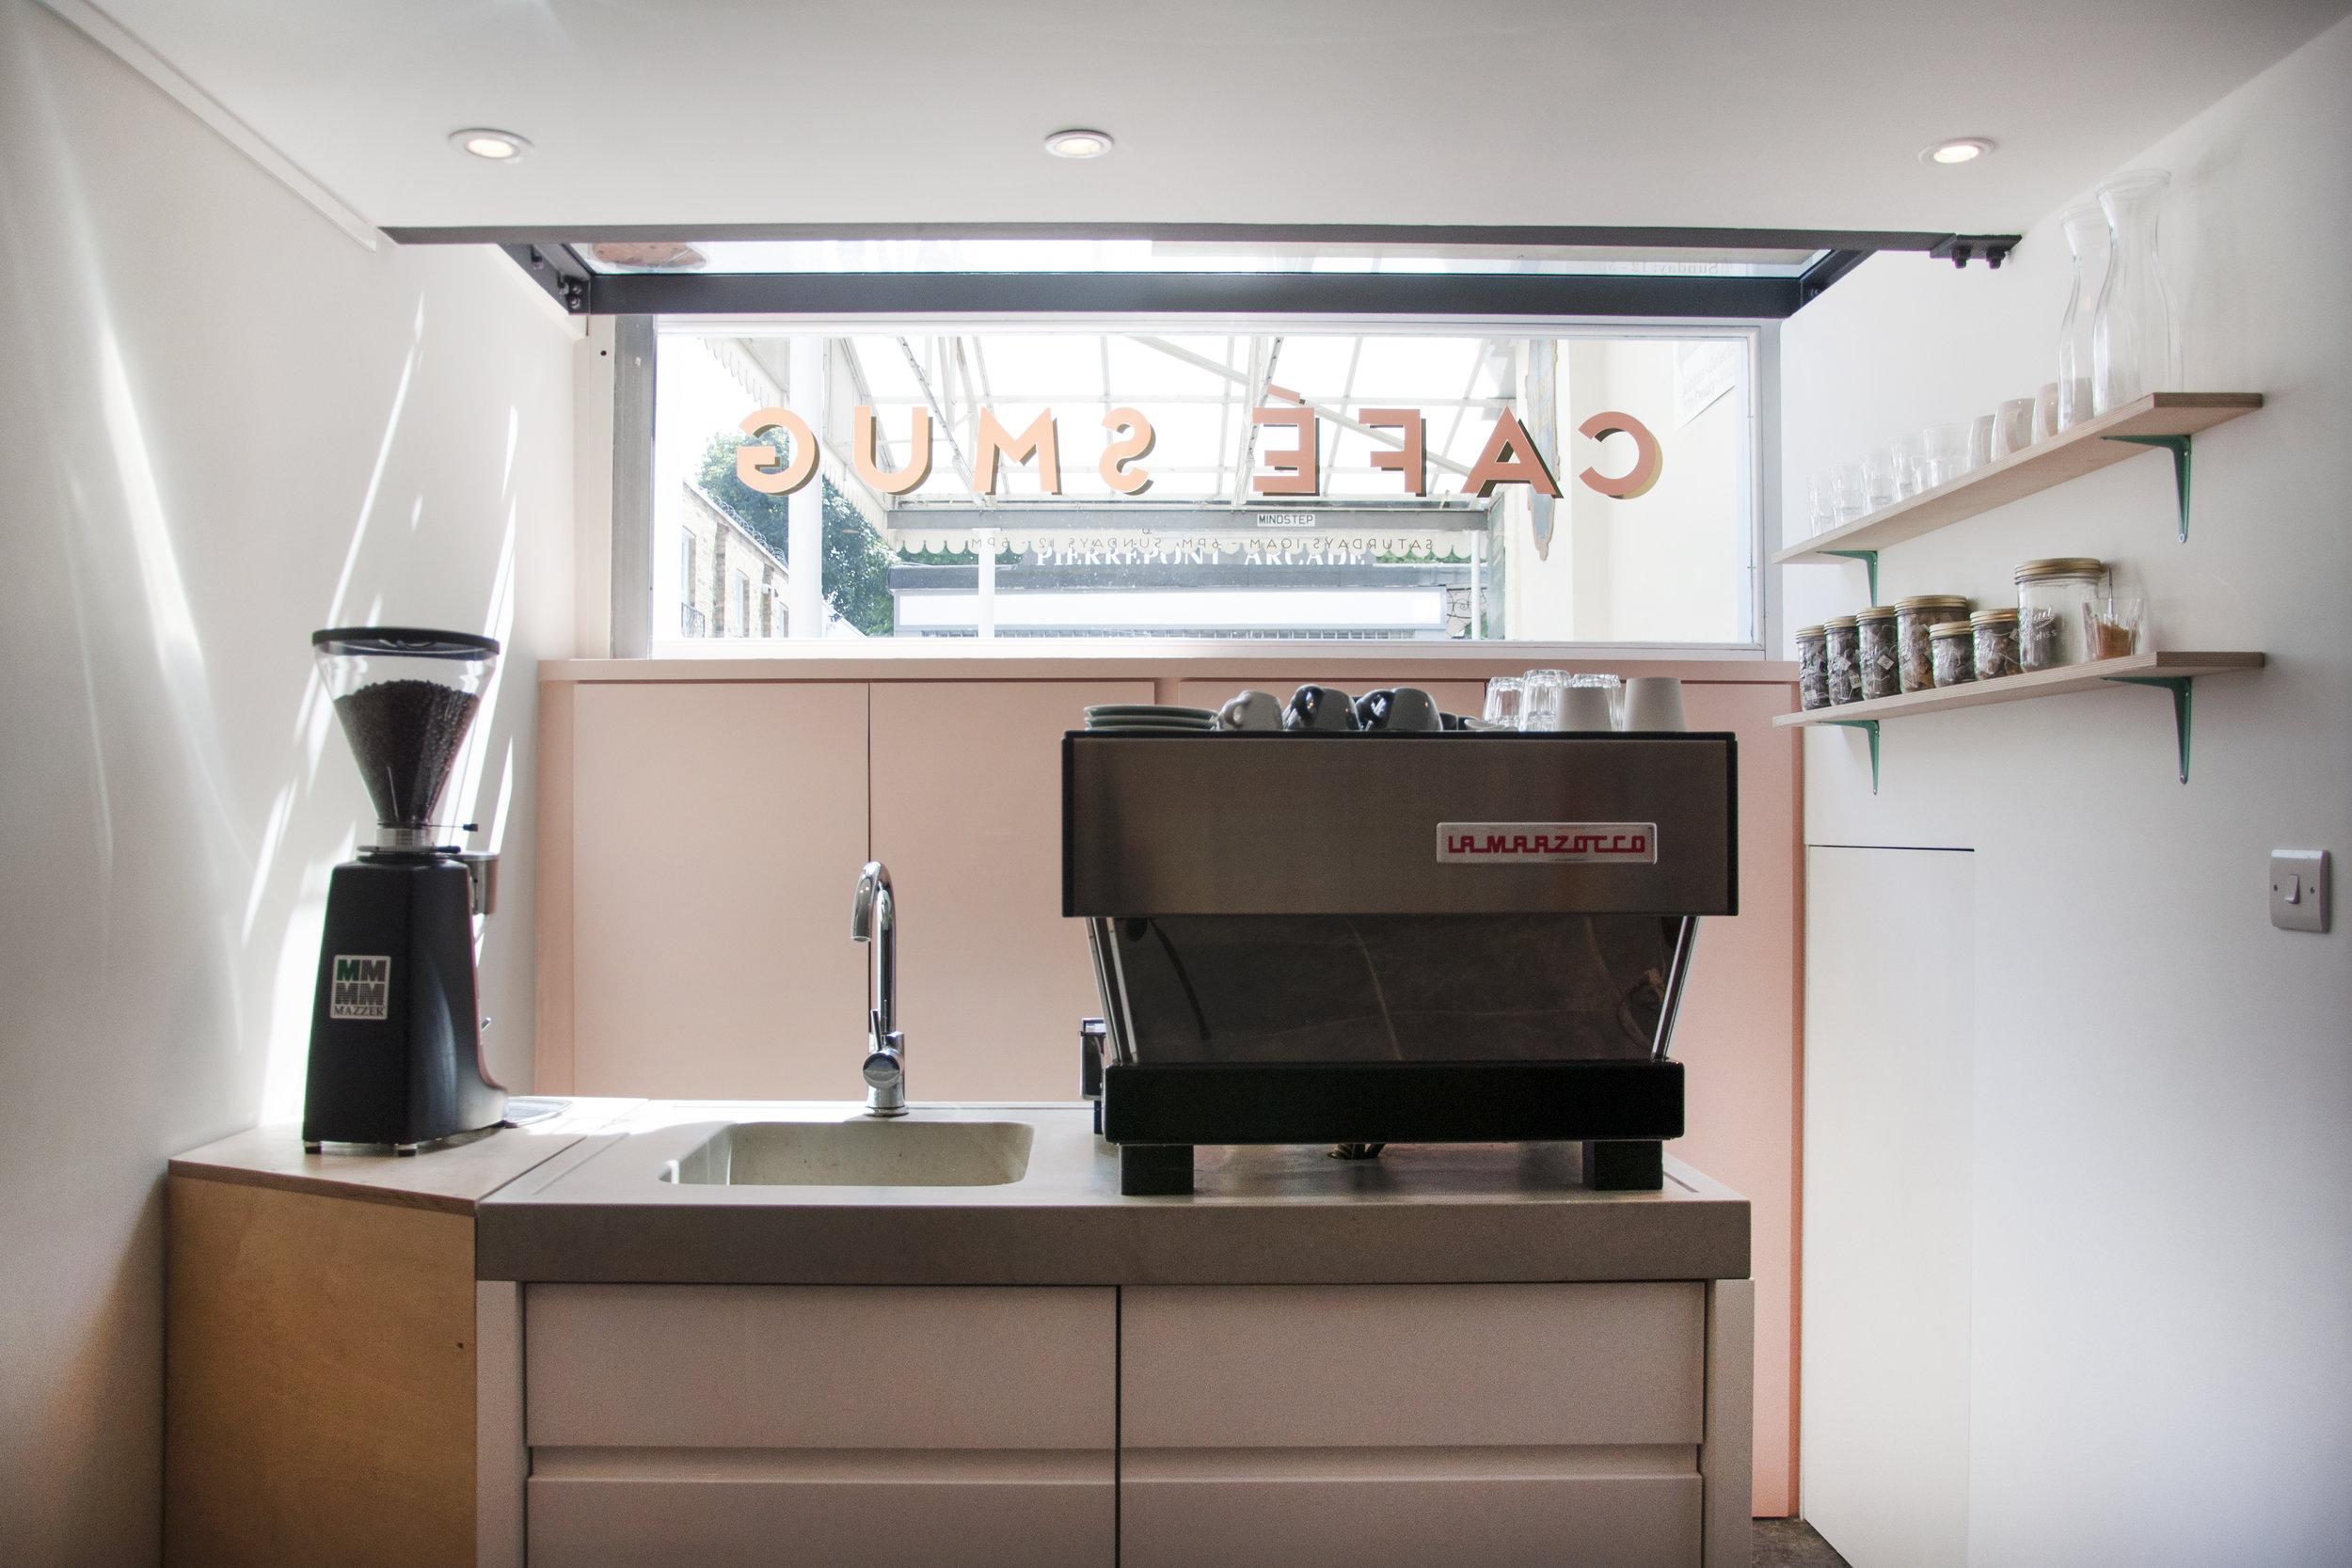 cafe-smug.jpg